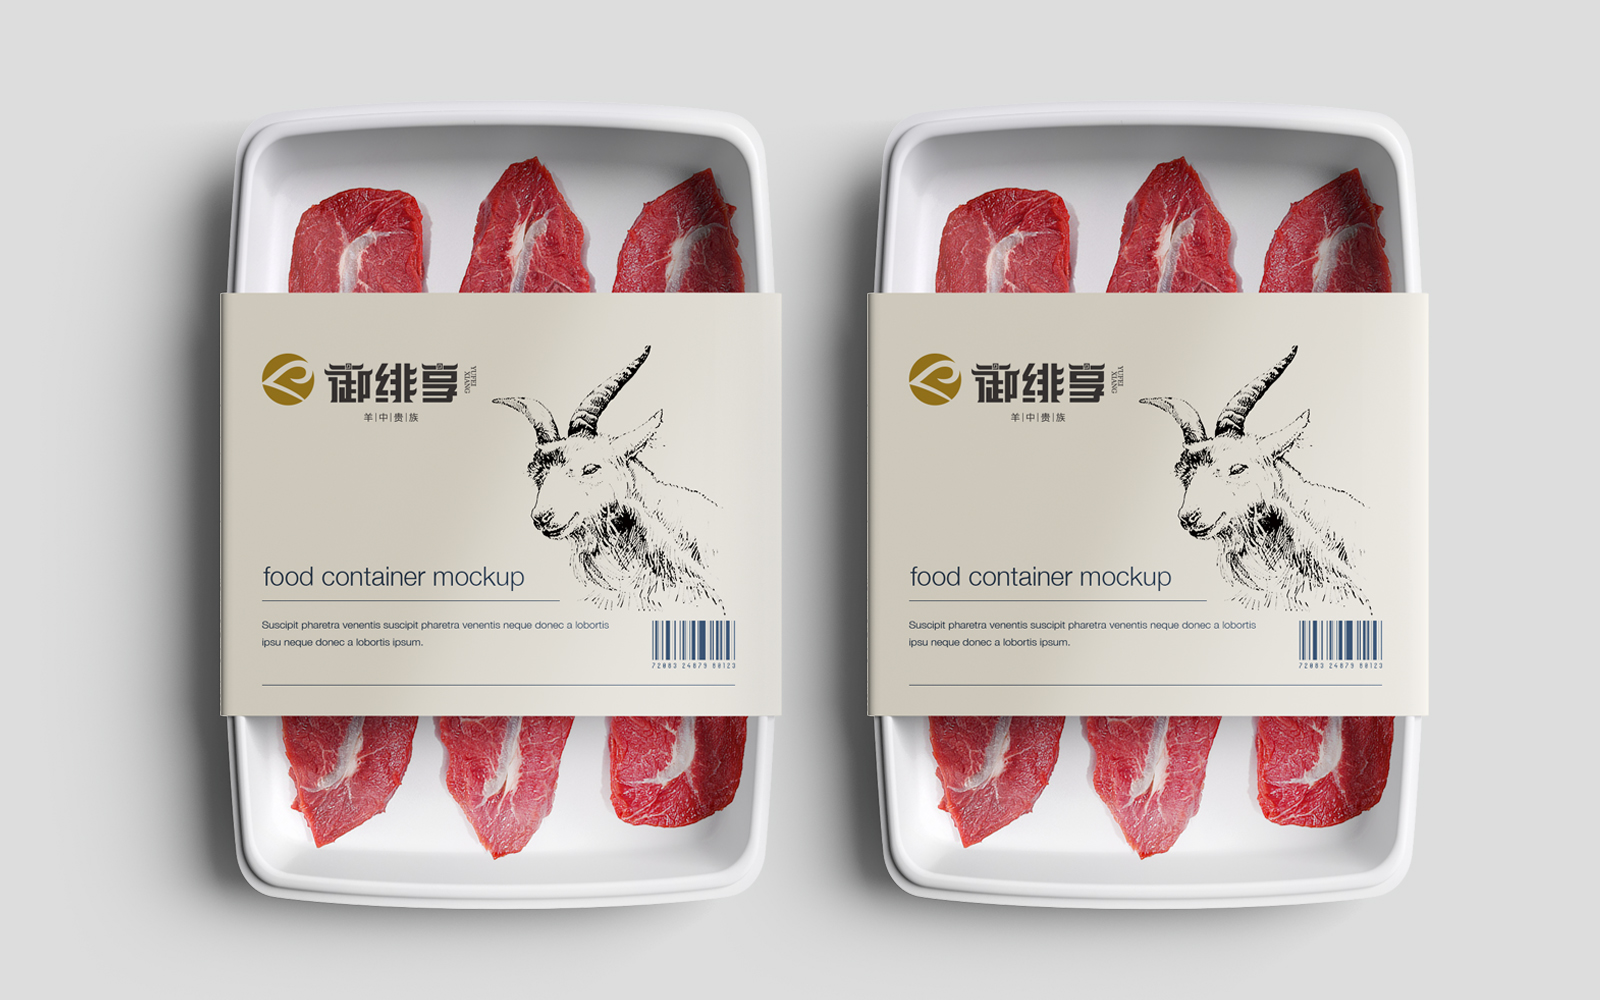 御绯享羊肉品牌设计-4